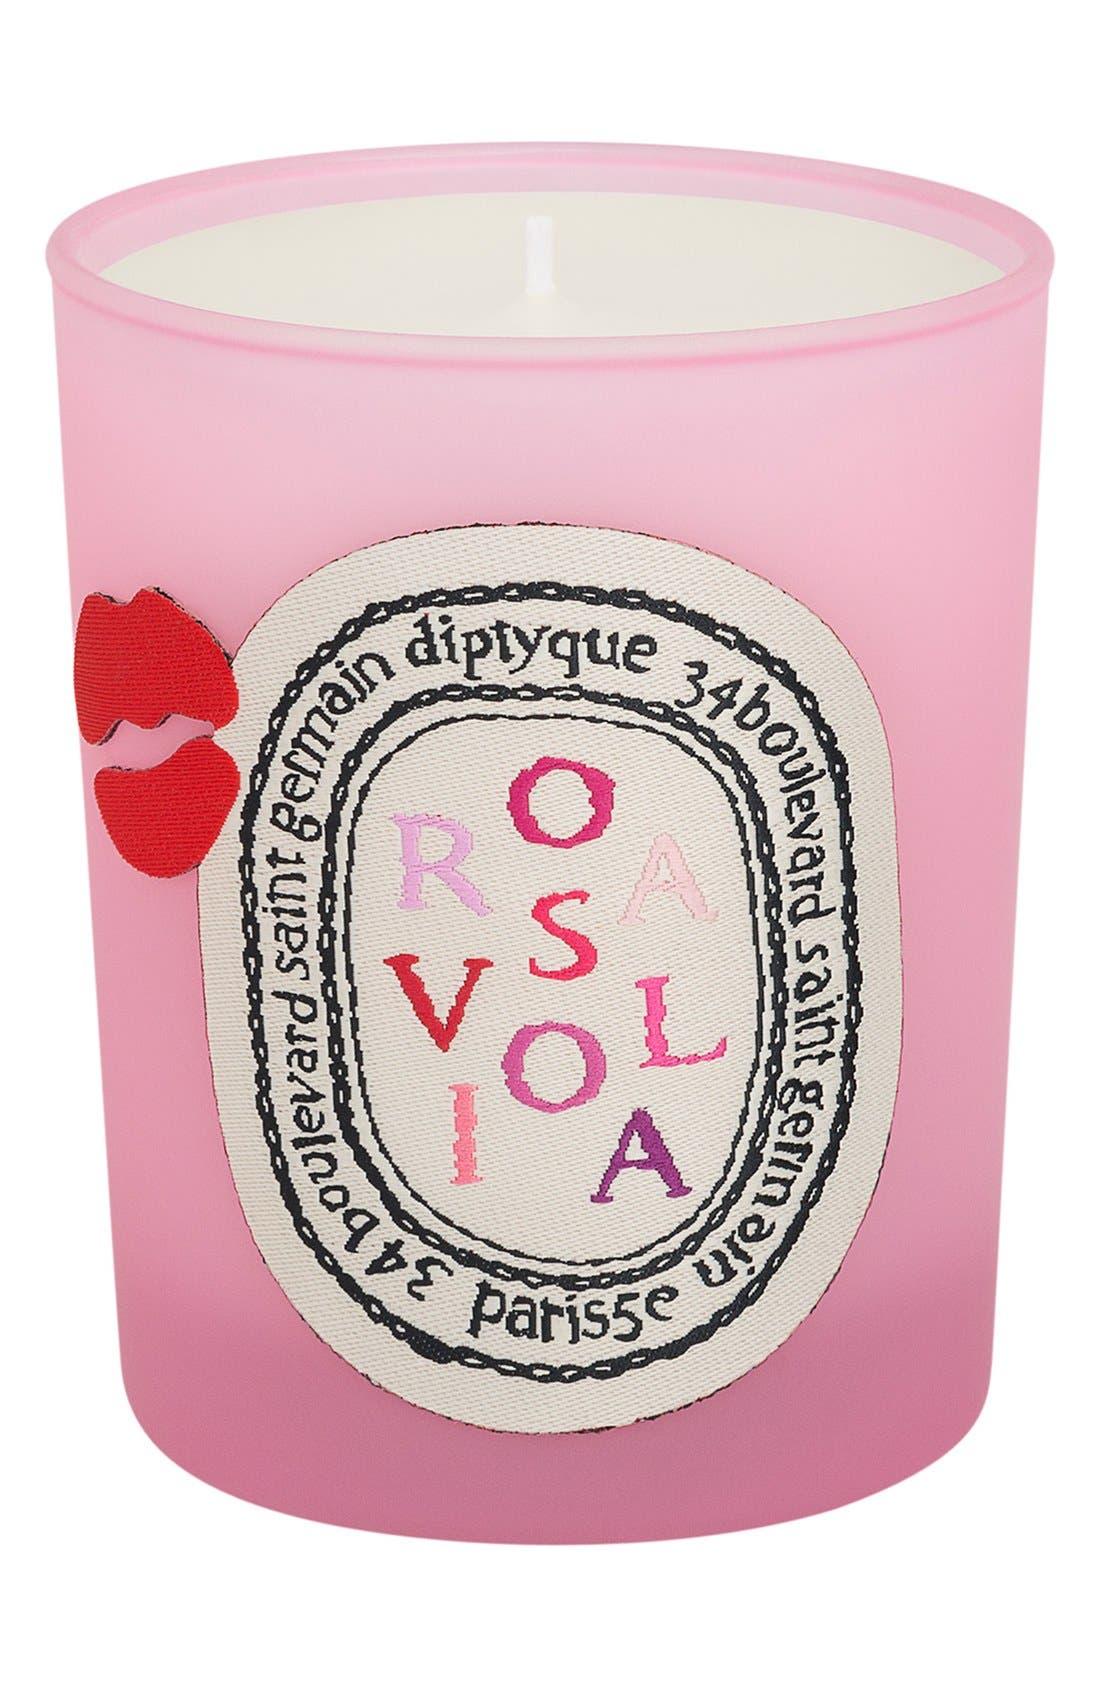 'Rosaviola' Scented Candle,                             Main thumbnail 1, color,                             000